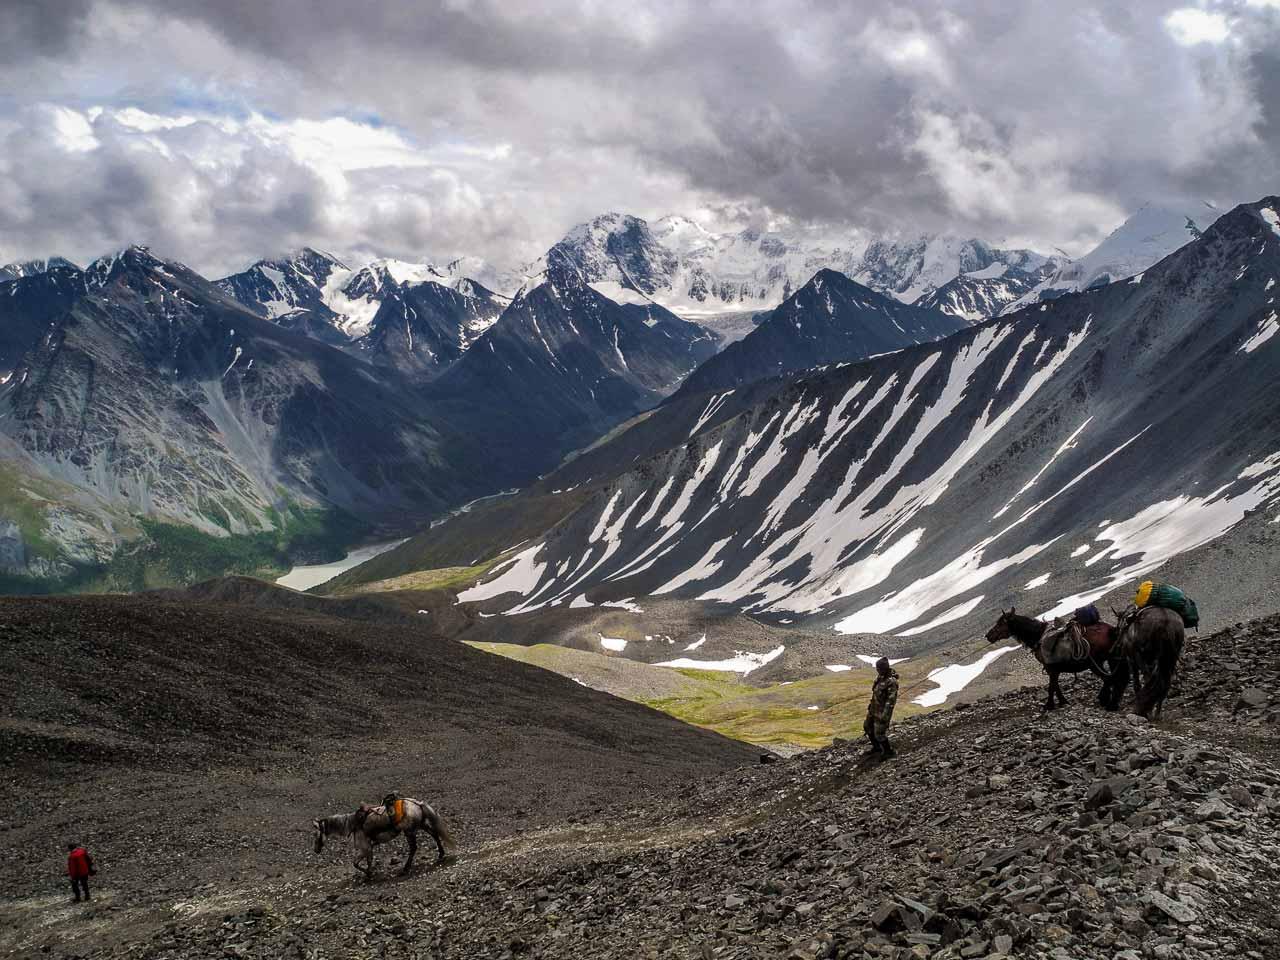 Der erste Blick auf den Gipfel des Belucha bei der Überschreitung des Karatjurek-Passes auf 3200 Meter Höhe.